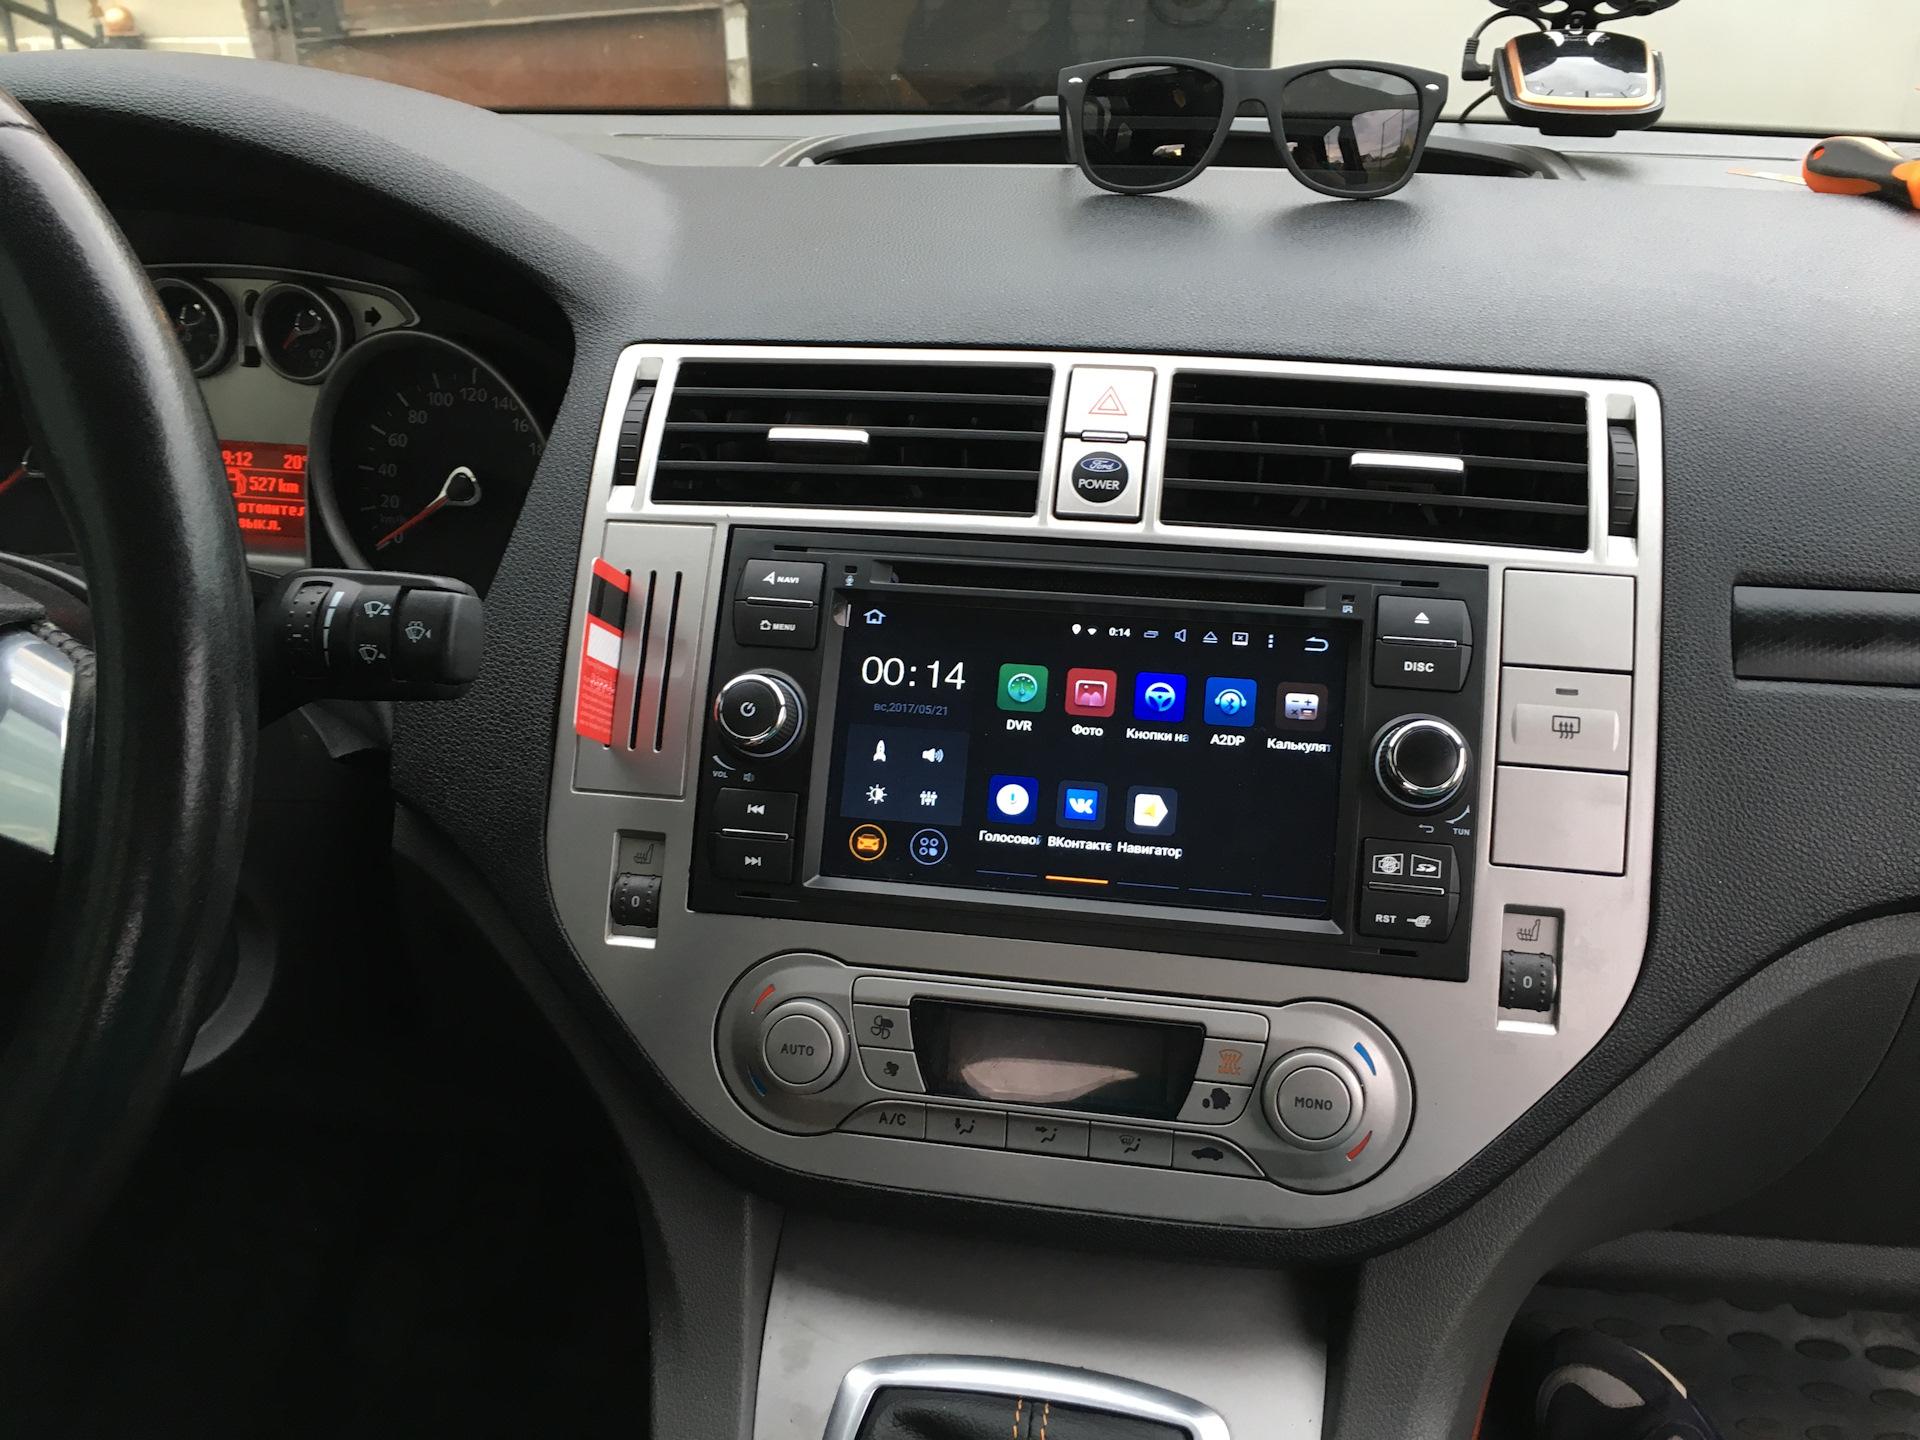 Штатная магнитола Форд — максимальная интеграция в авто